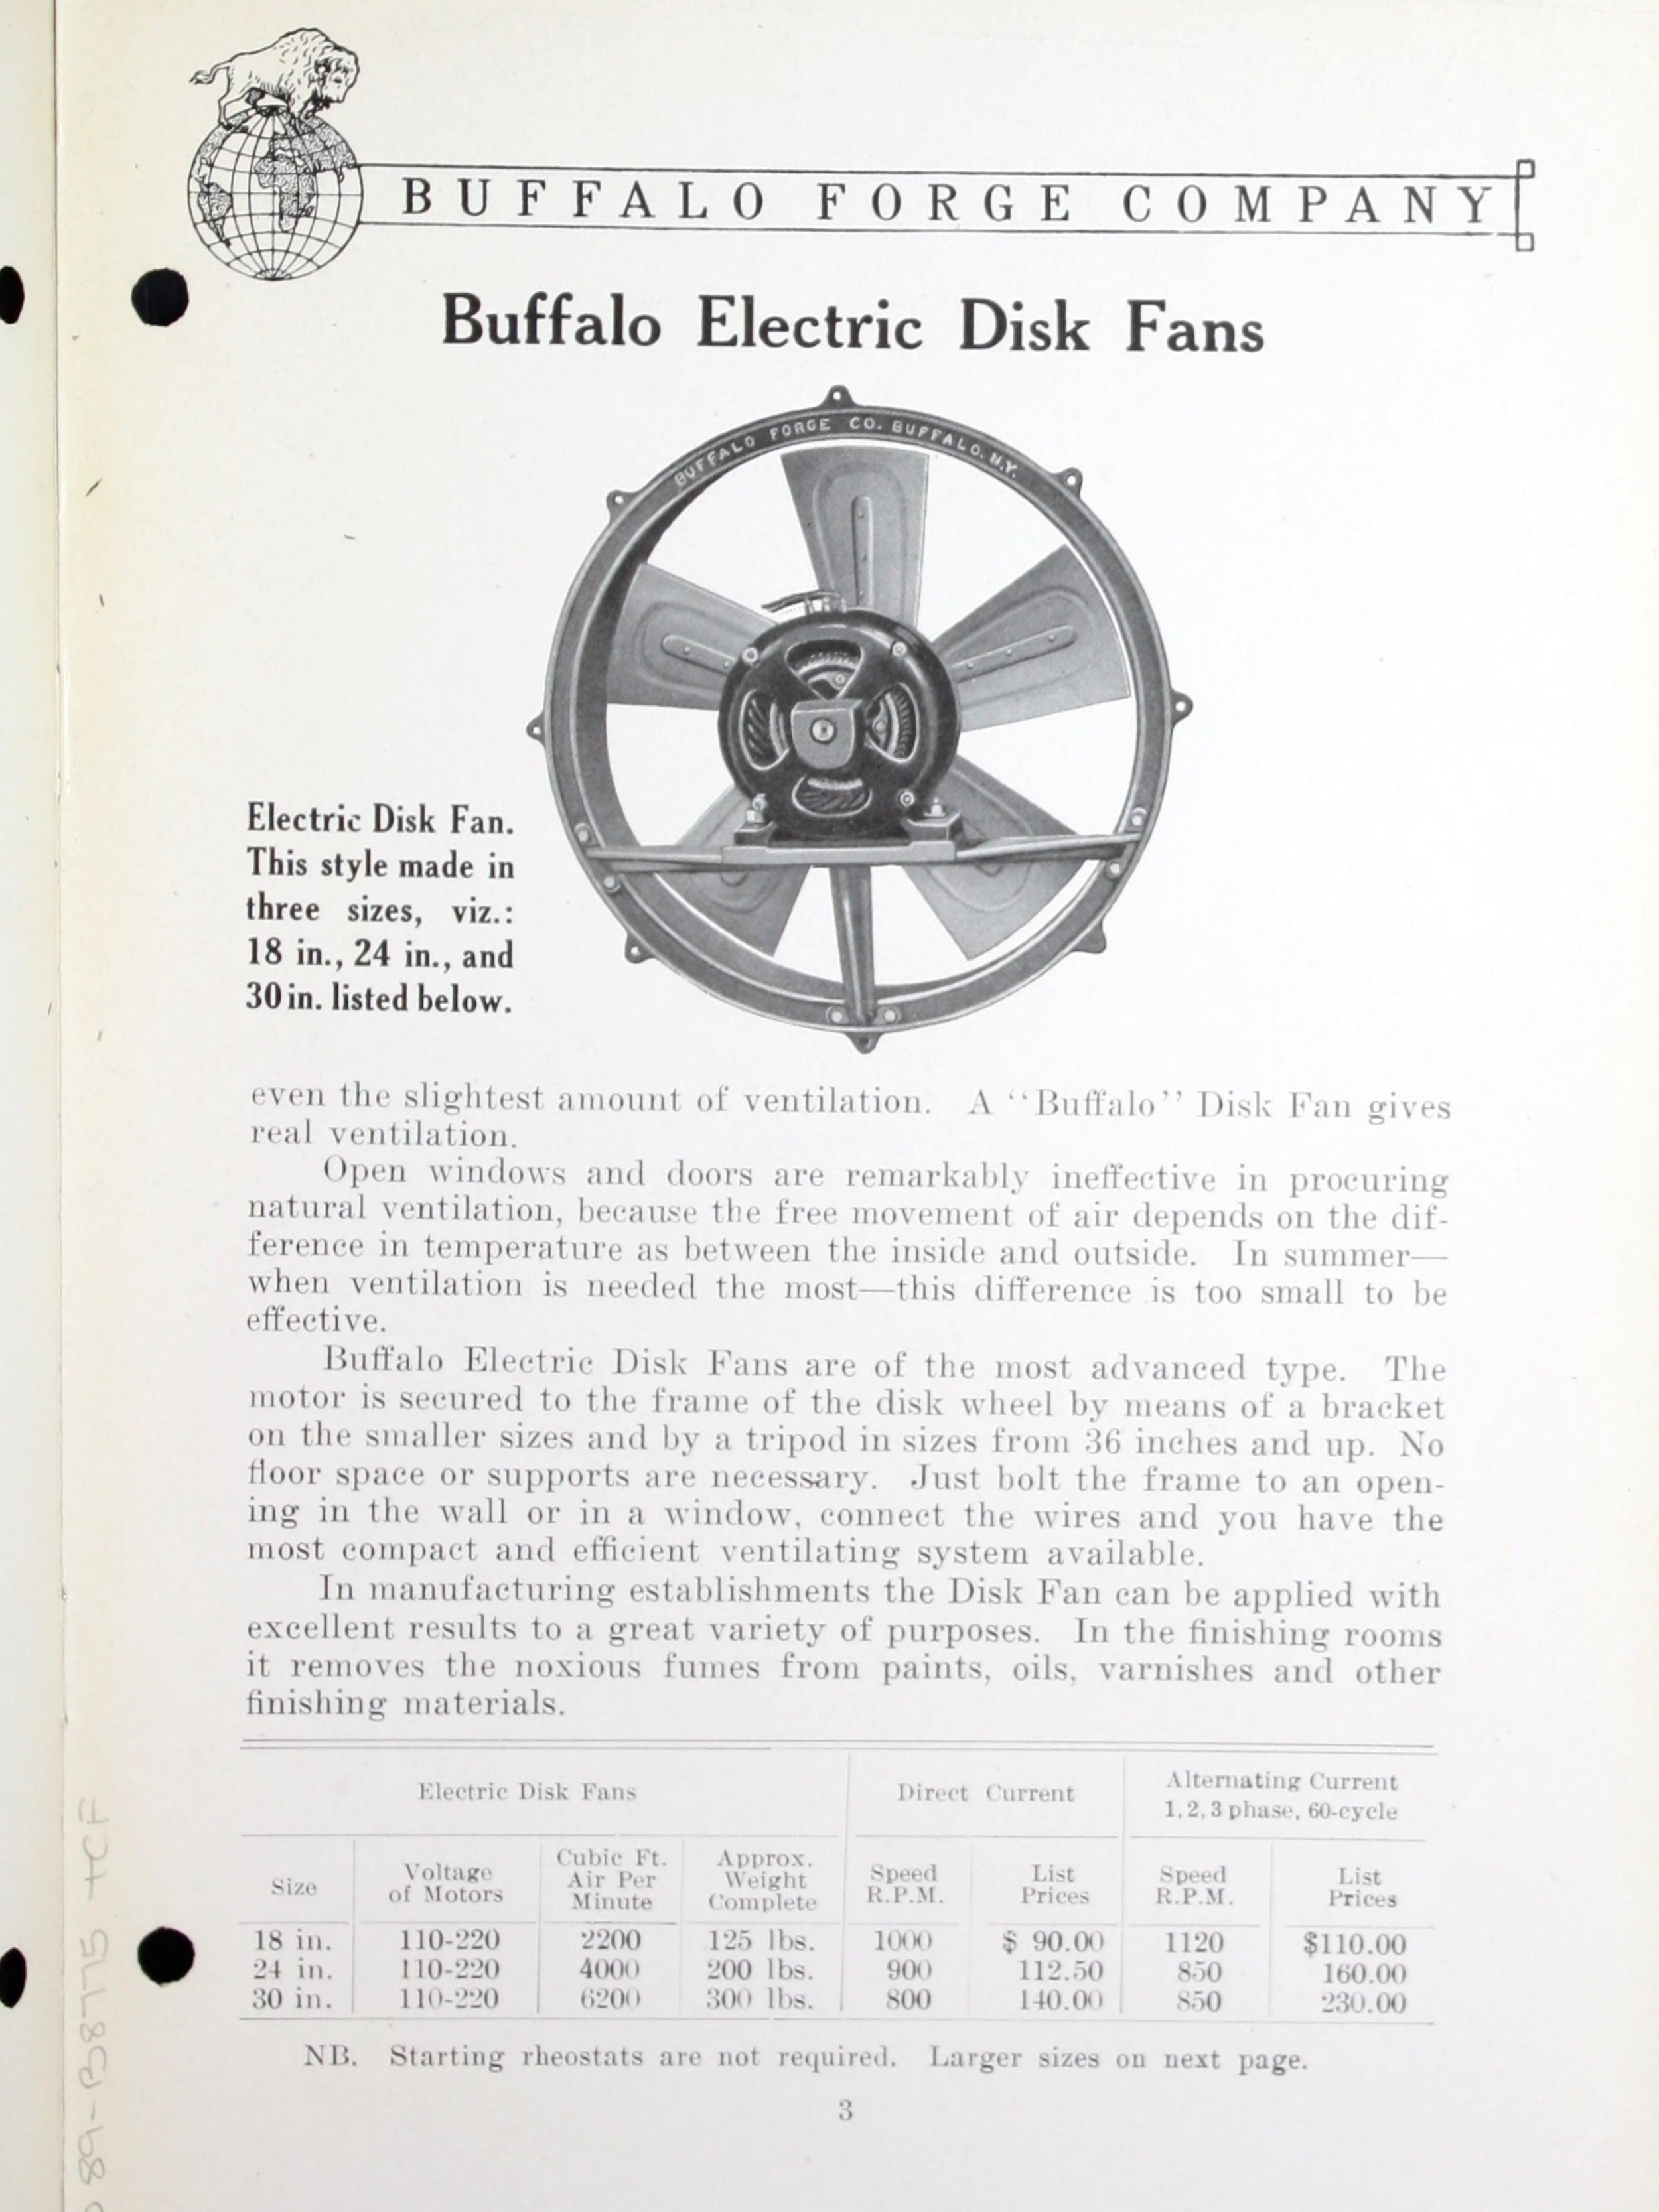 BuffaloForgeCoCca42885_0002.jpg